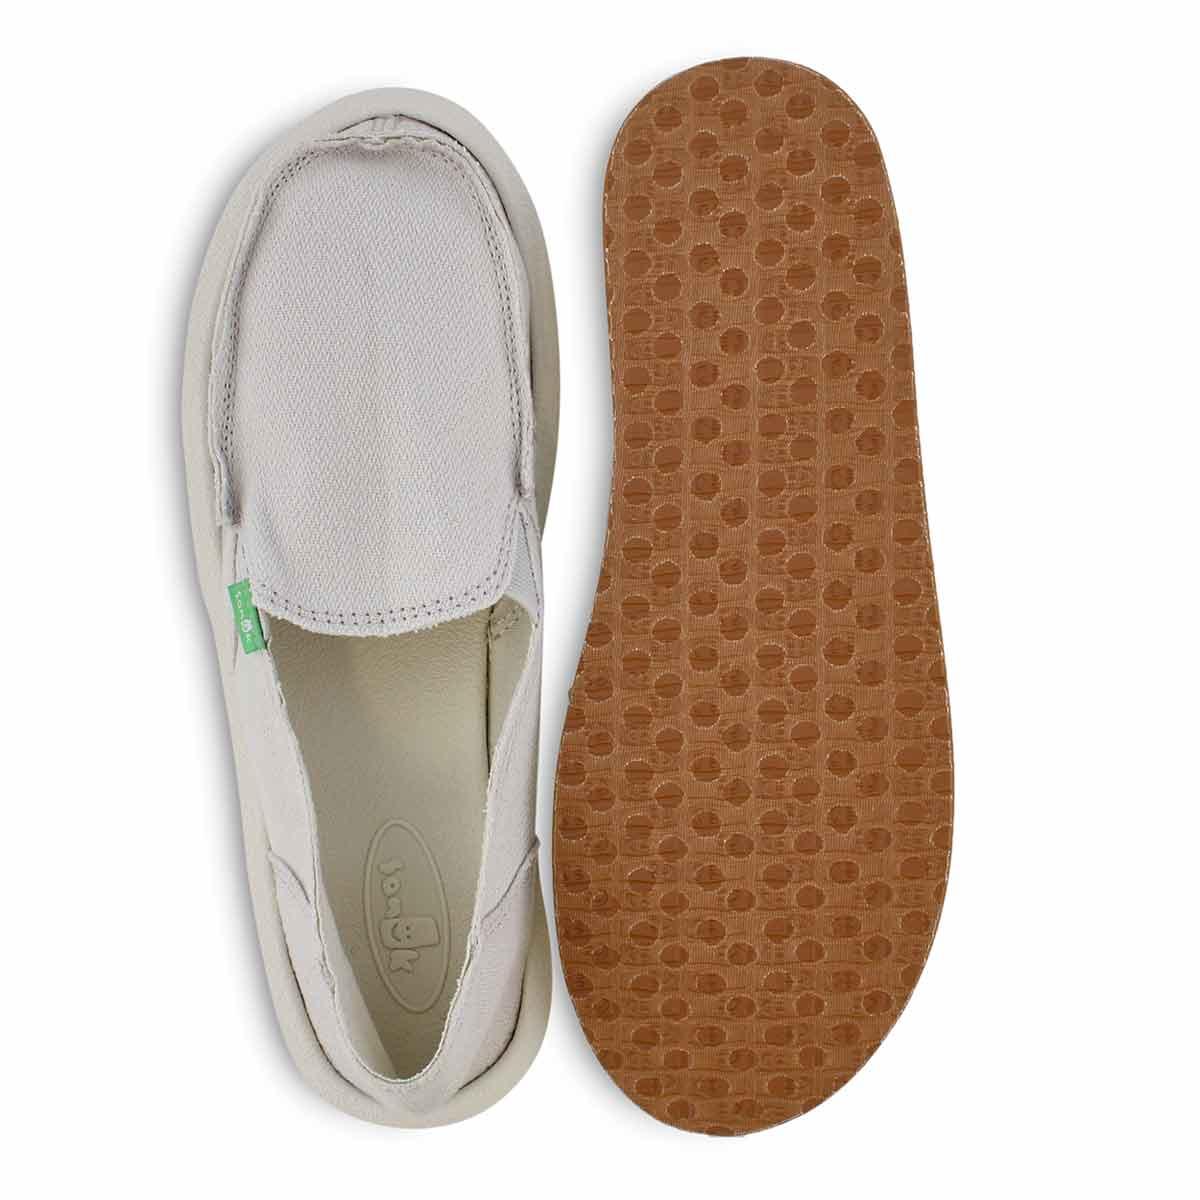 Lds Donna Hemp wind chime slip on shoe